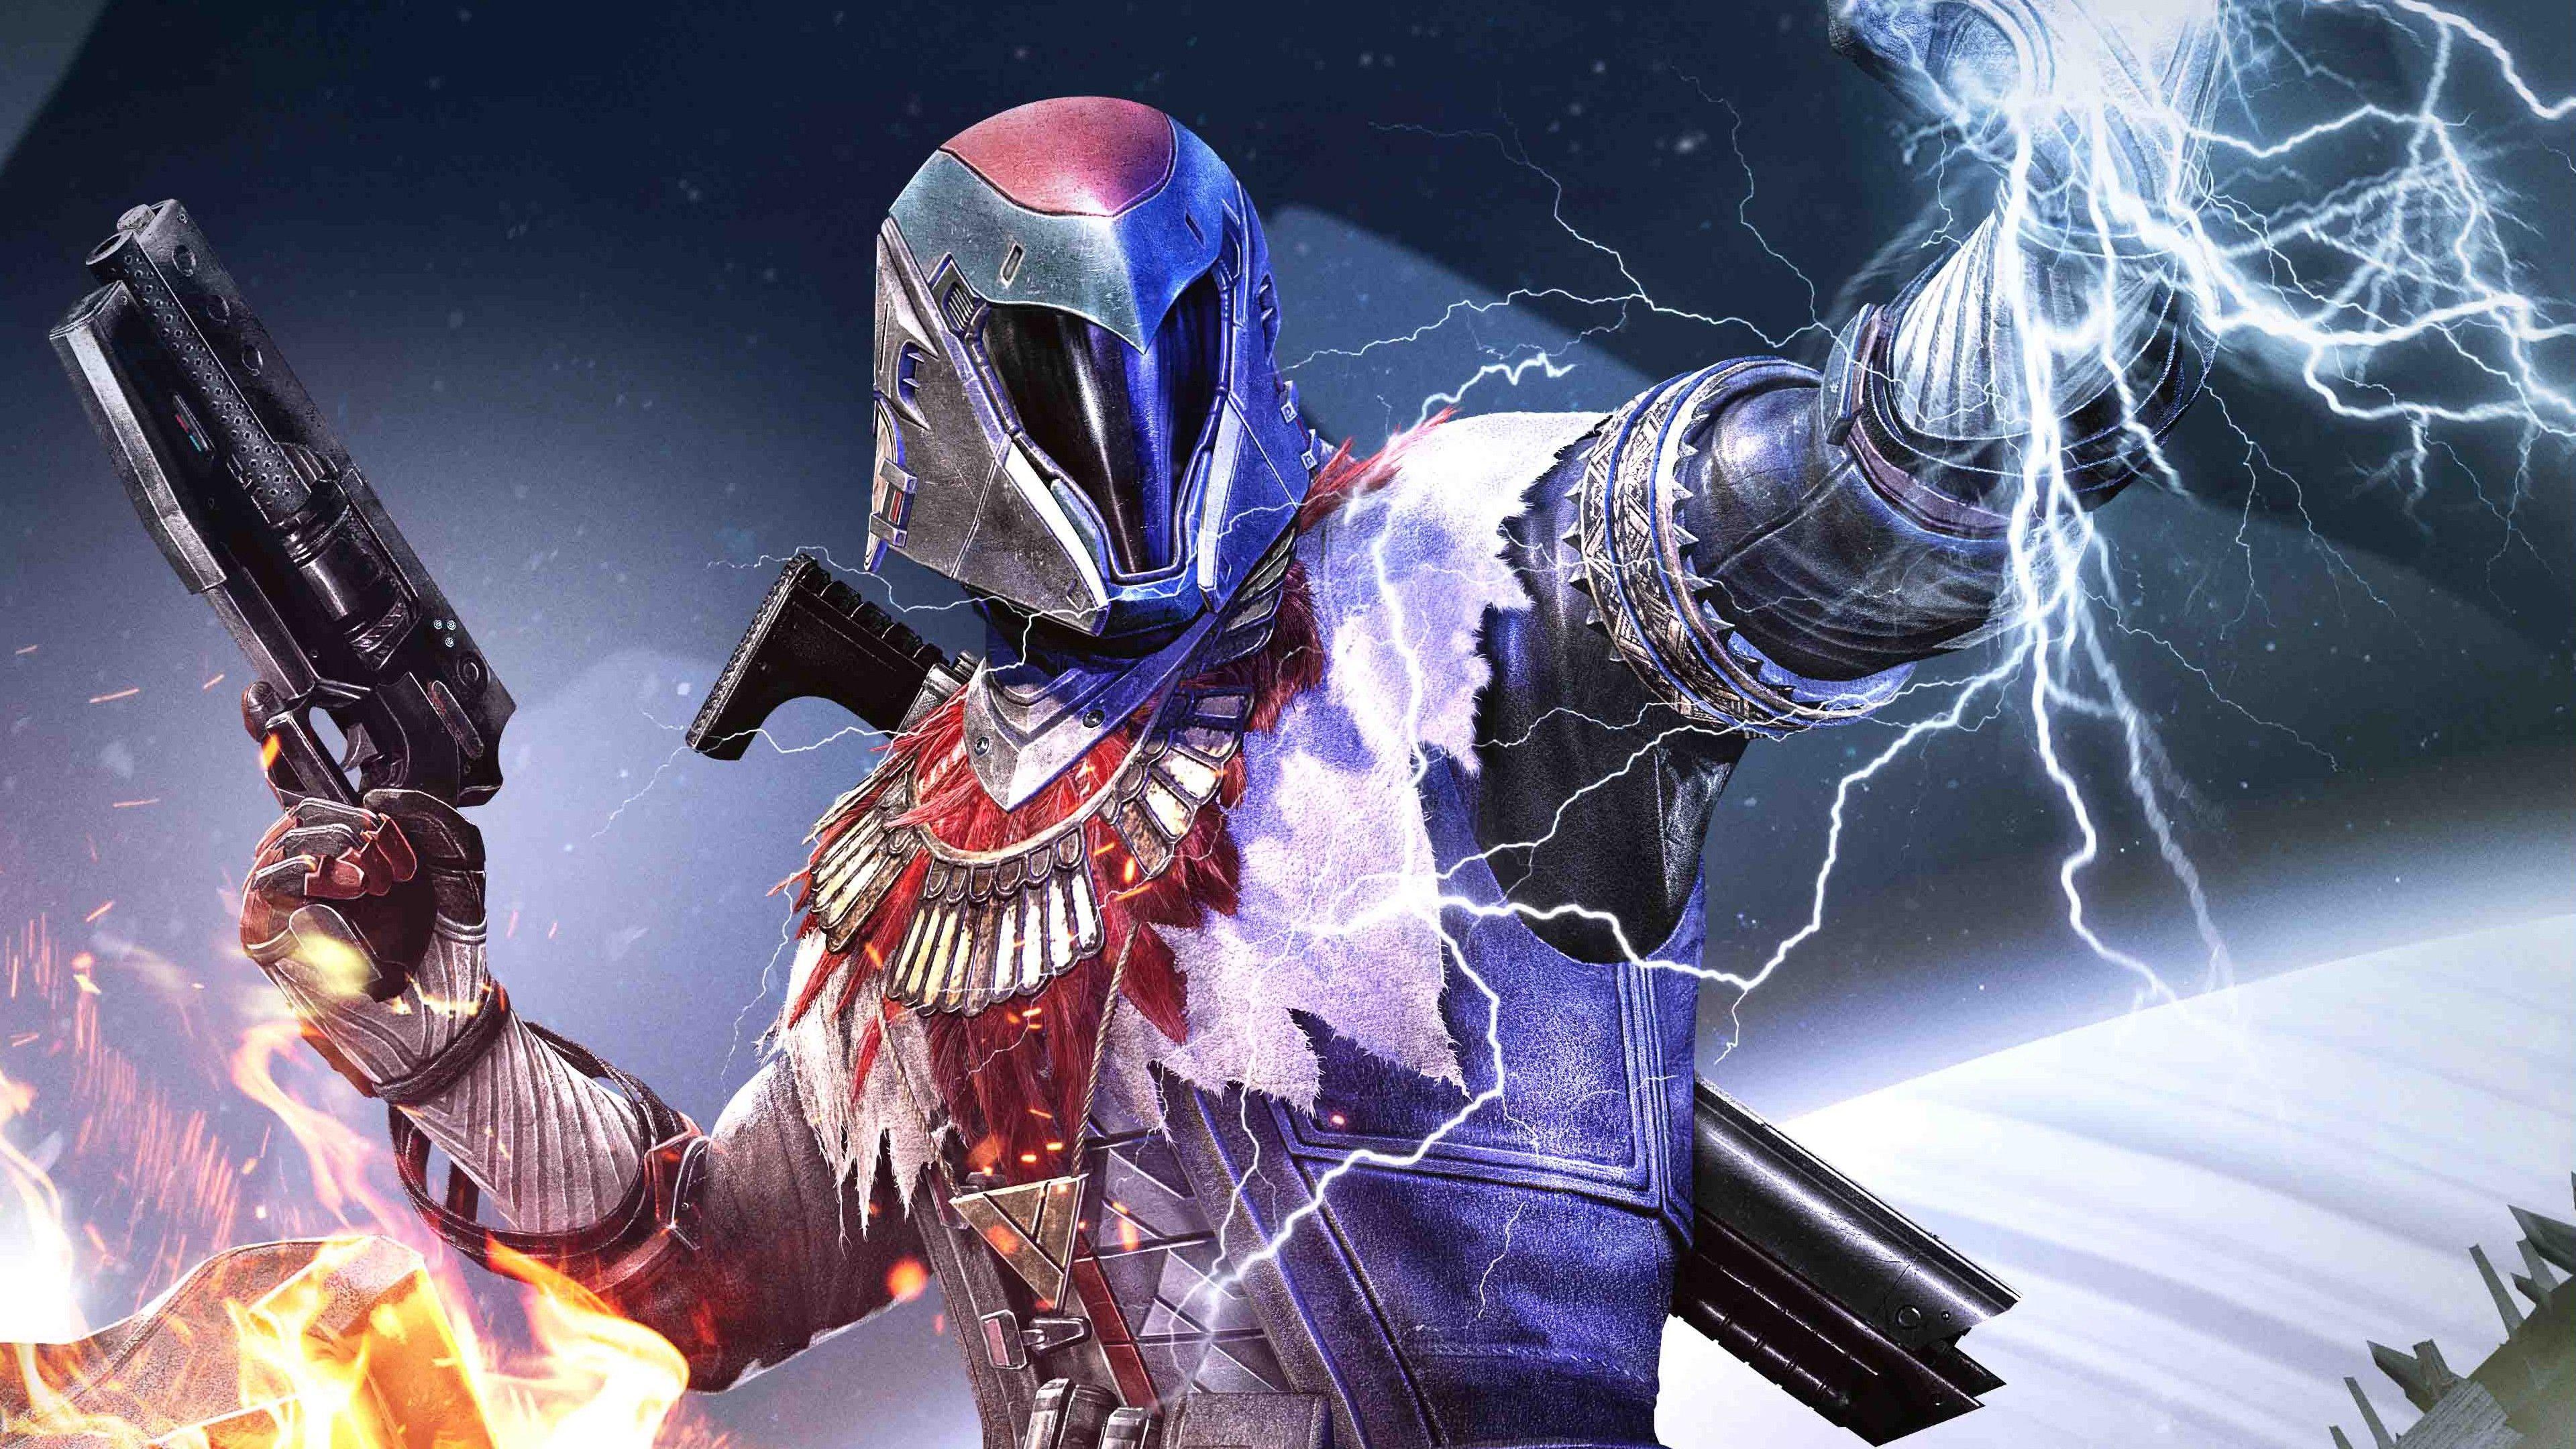 Destiny Taken King 4k Warlock Video Game Images